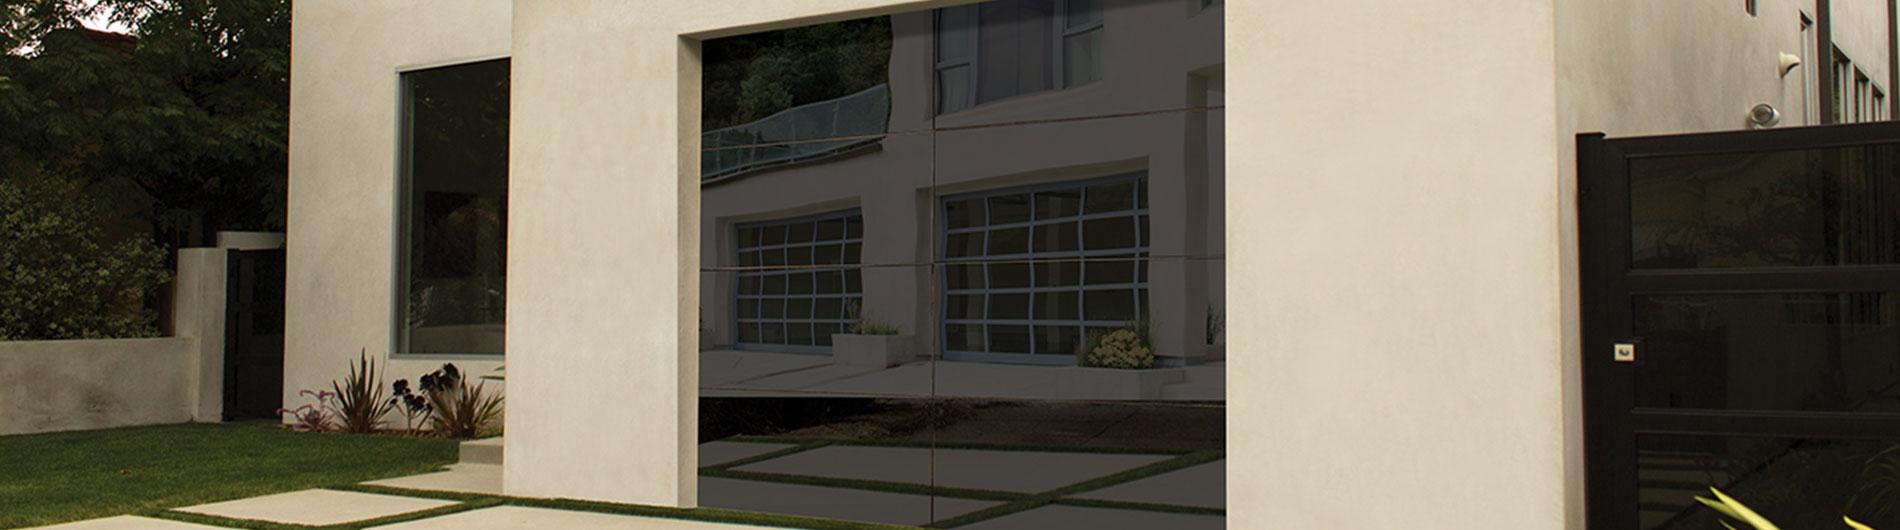 Aluminum Glass Garage Doors 8450 From Precision Door